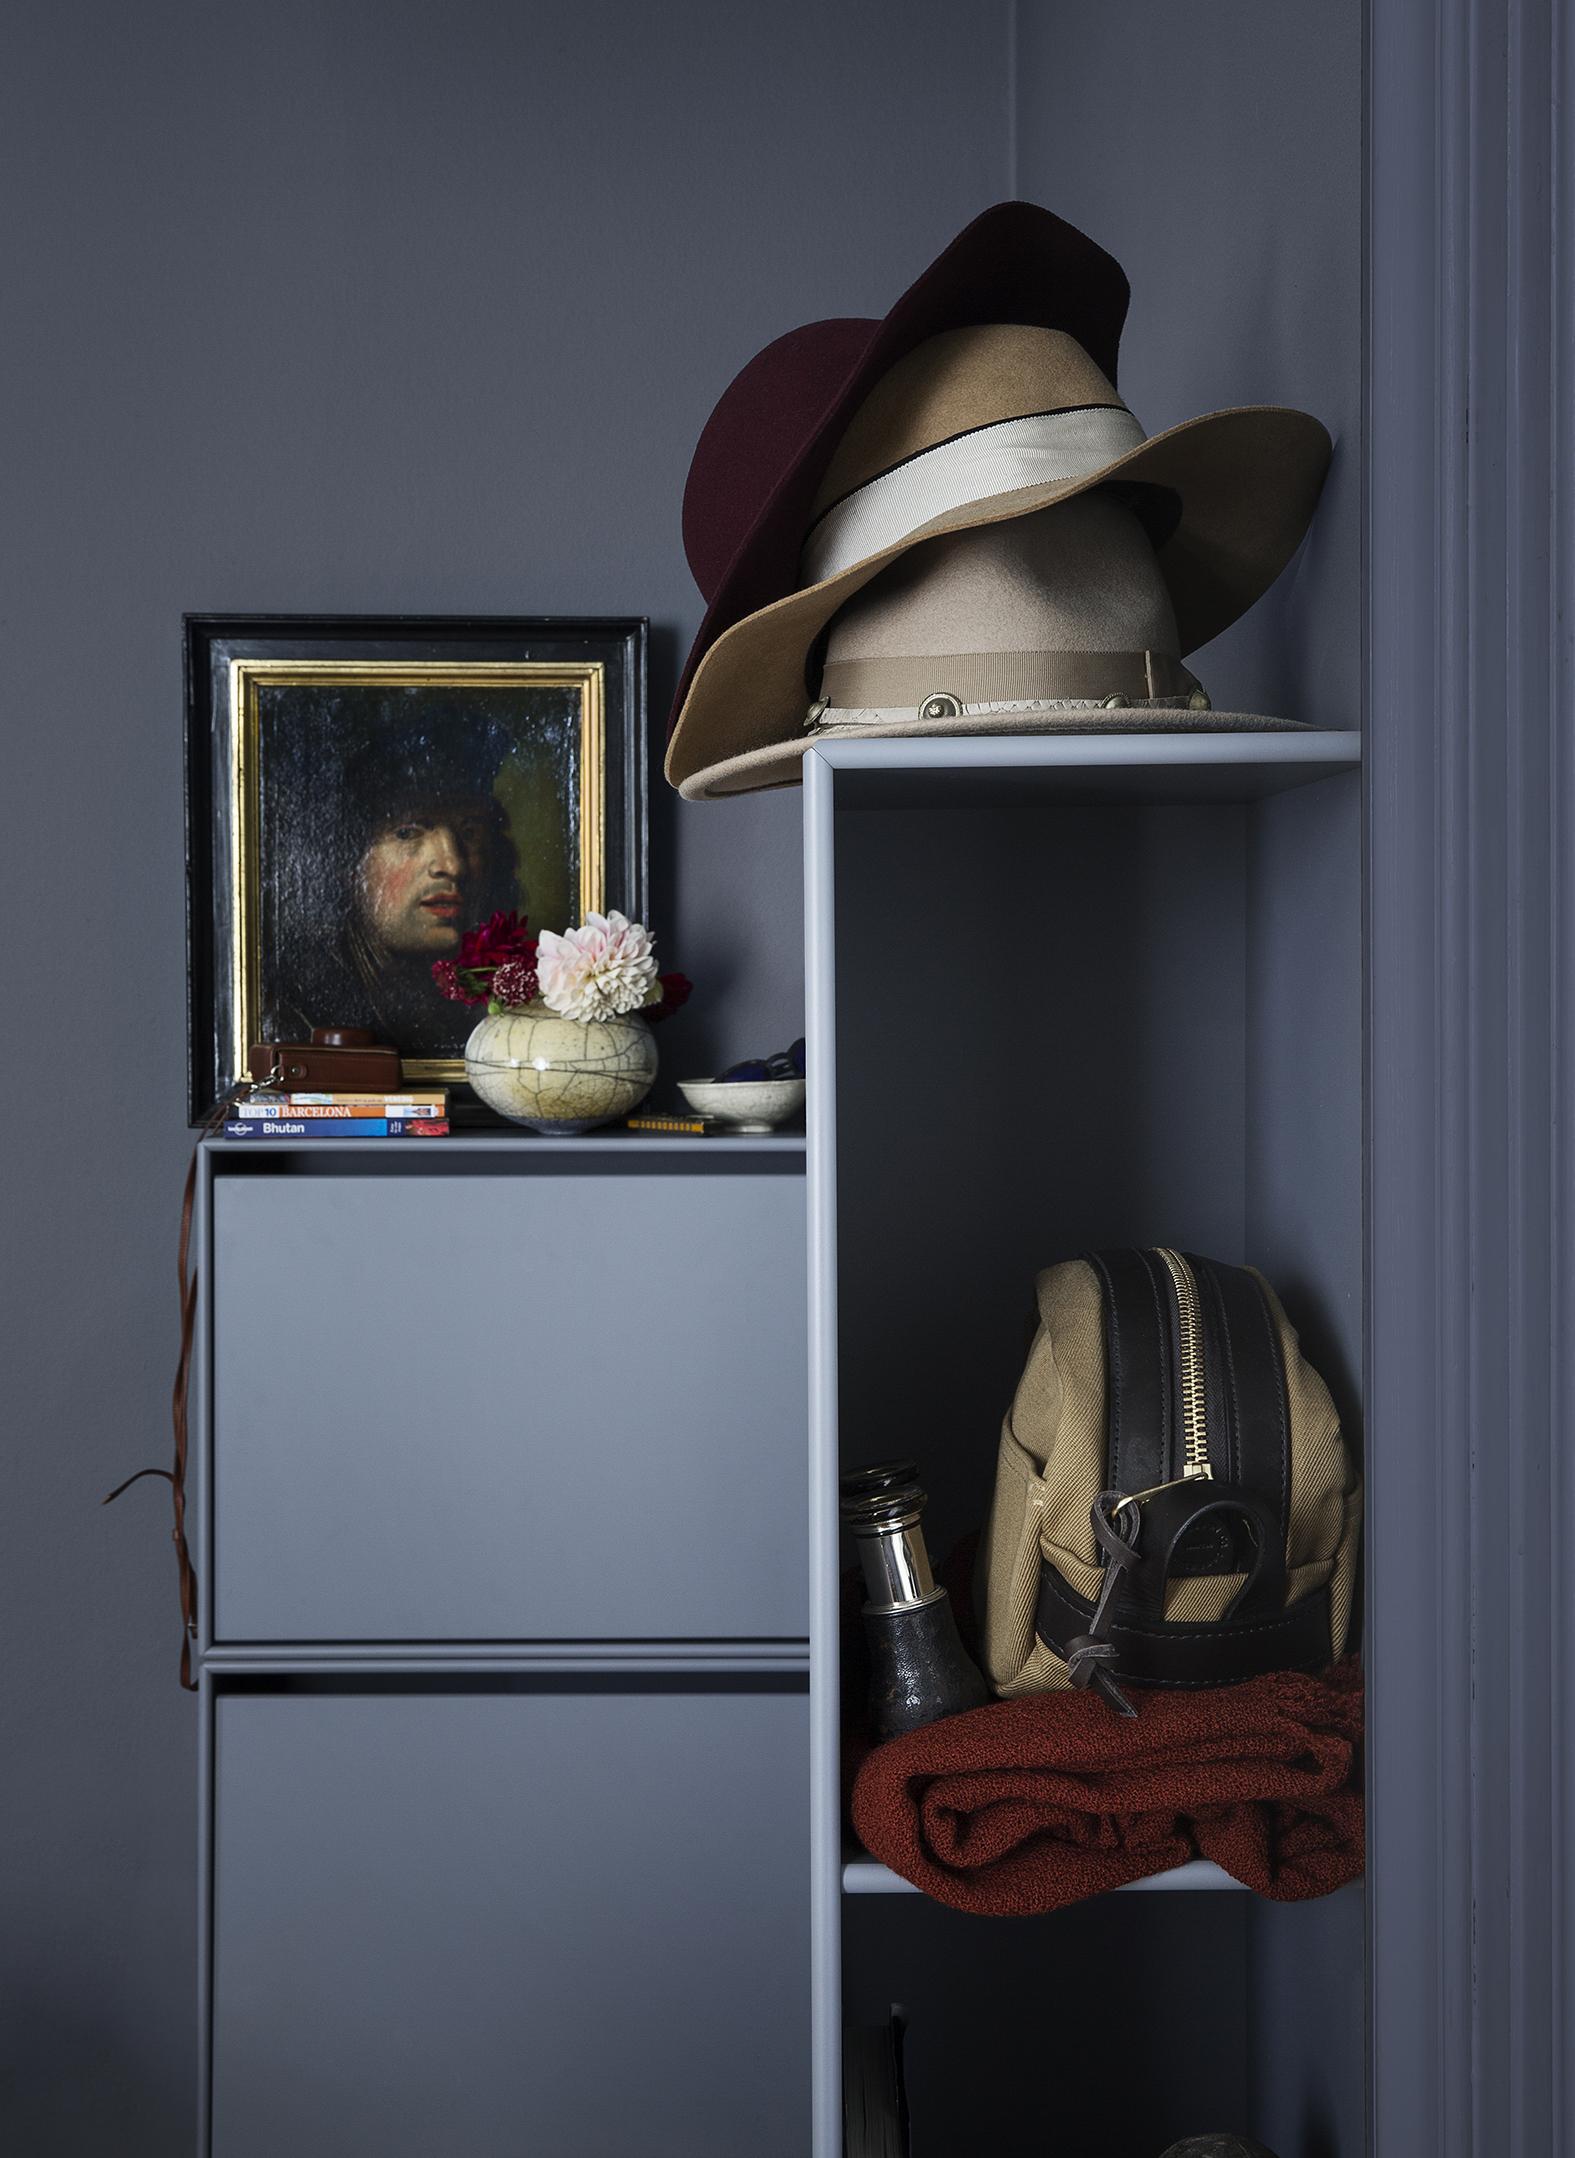 Sidehengt veggmodul for heng og evt speil.